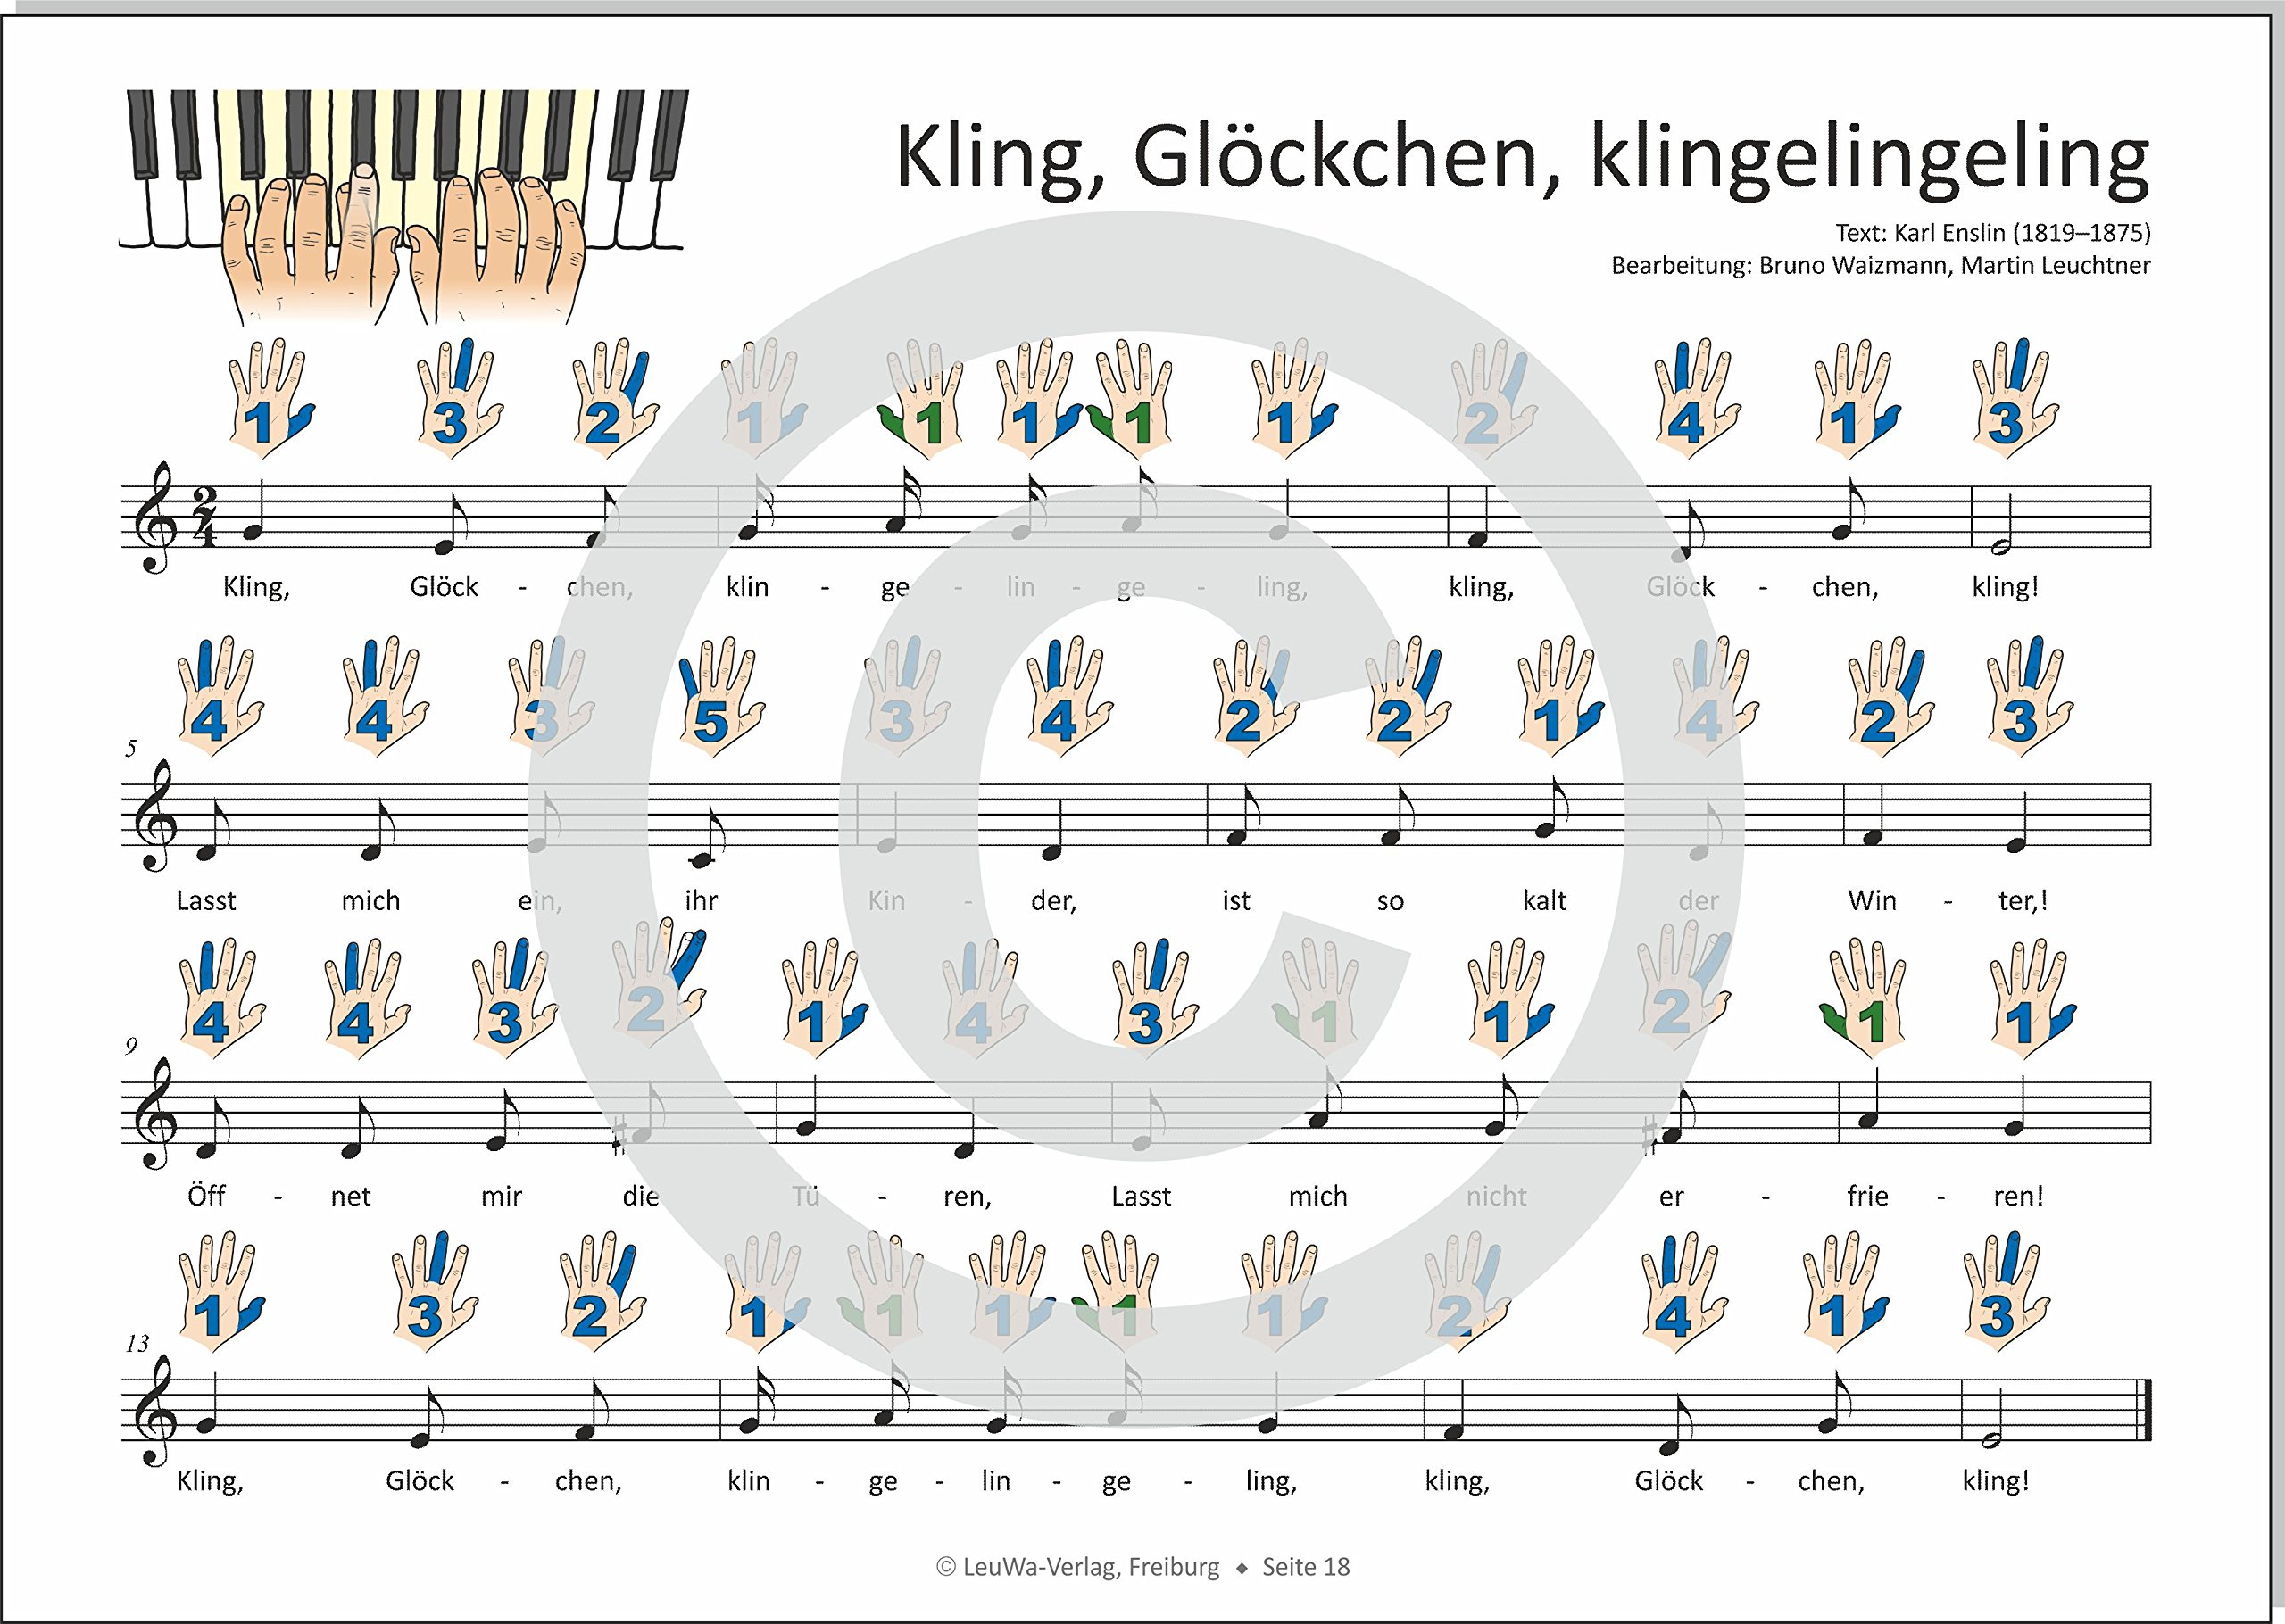 Weihnachtslieder Für Keyboard Kostenlos.Einfacher Geht Nicht 24 Weihnachtslieder Für Klavier Und Keyboard